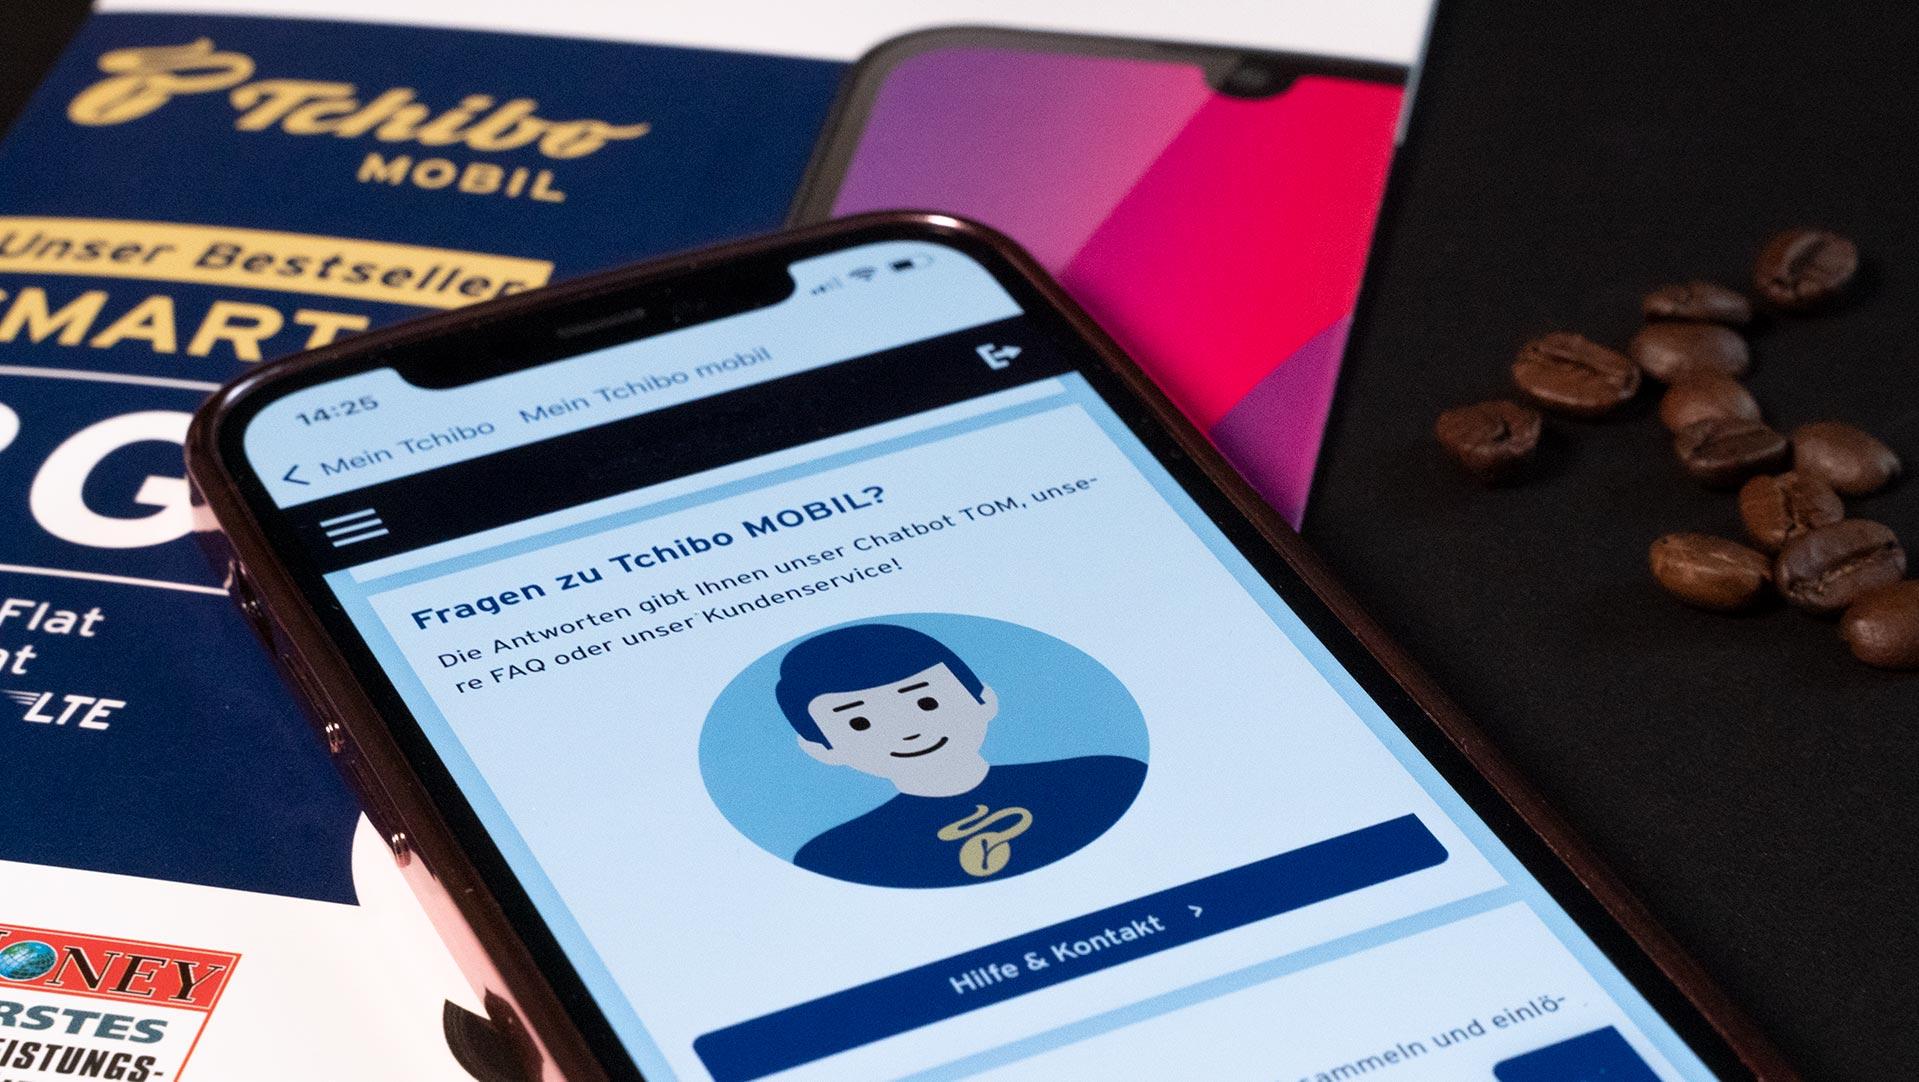 Tchibo mobil Erfahrungen   Handy Tarif mit 3 GB LTE im Praxis Test